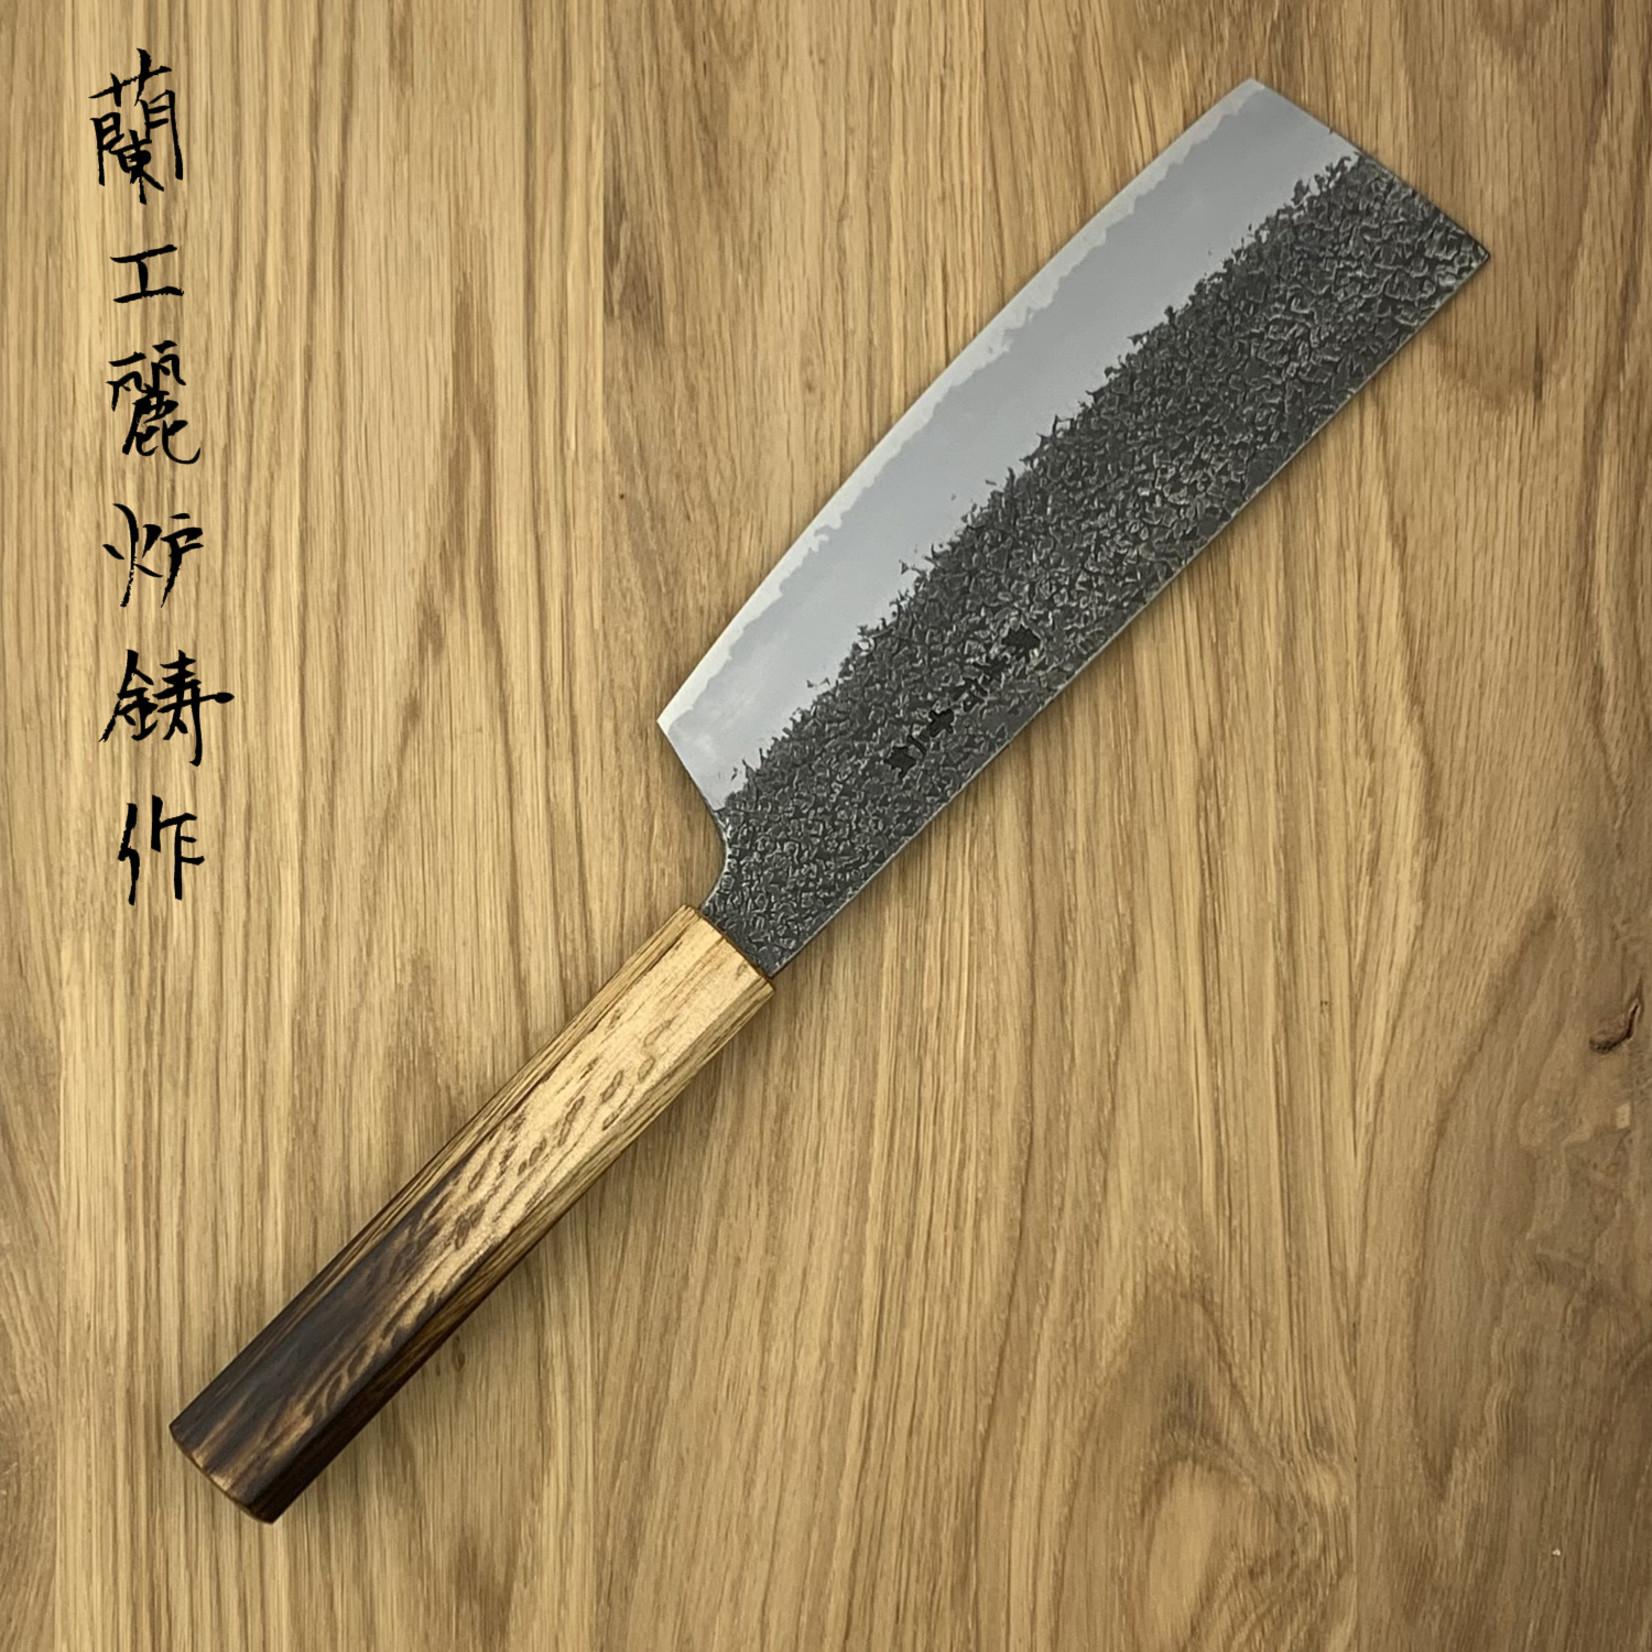 SAKAI TAKAYUKI Homura Guren Blue #2 Nakiri 180 mm 01186